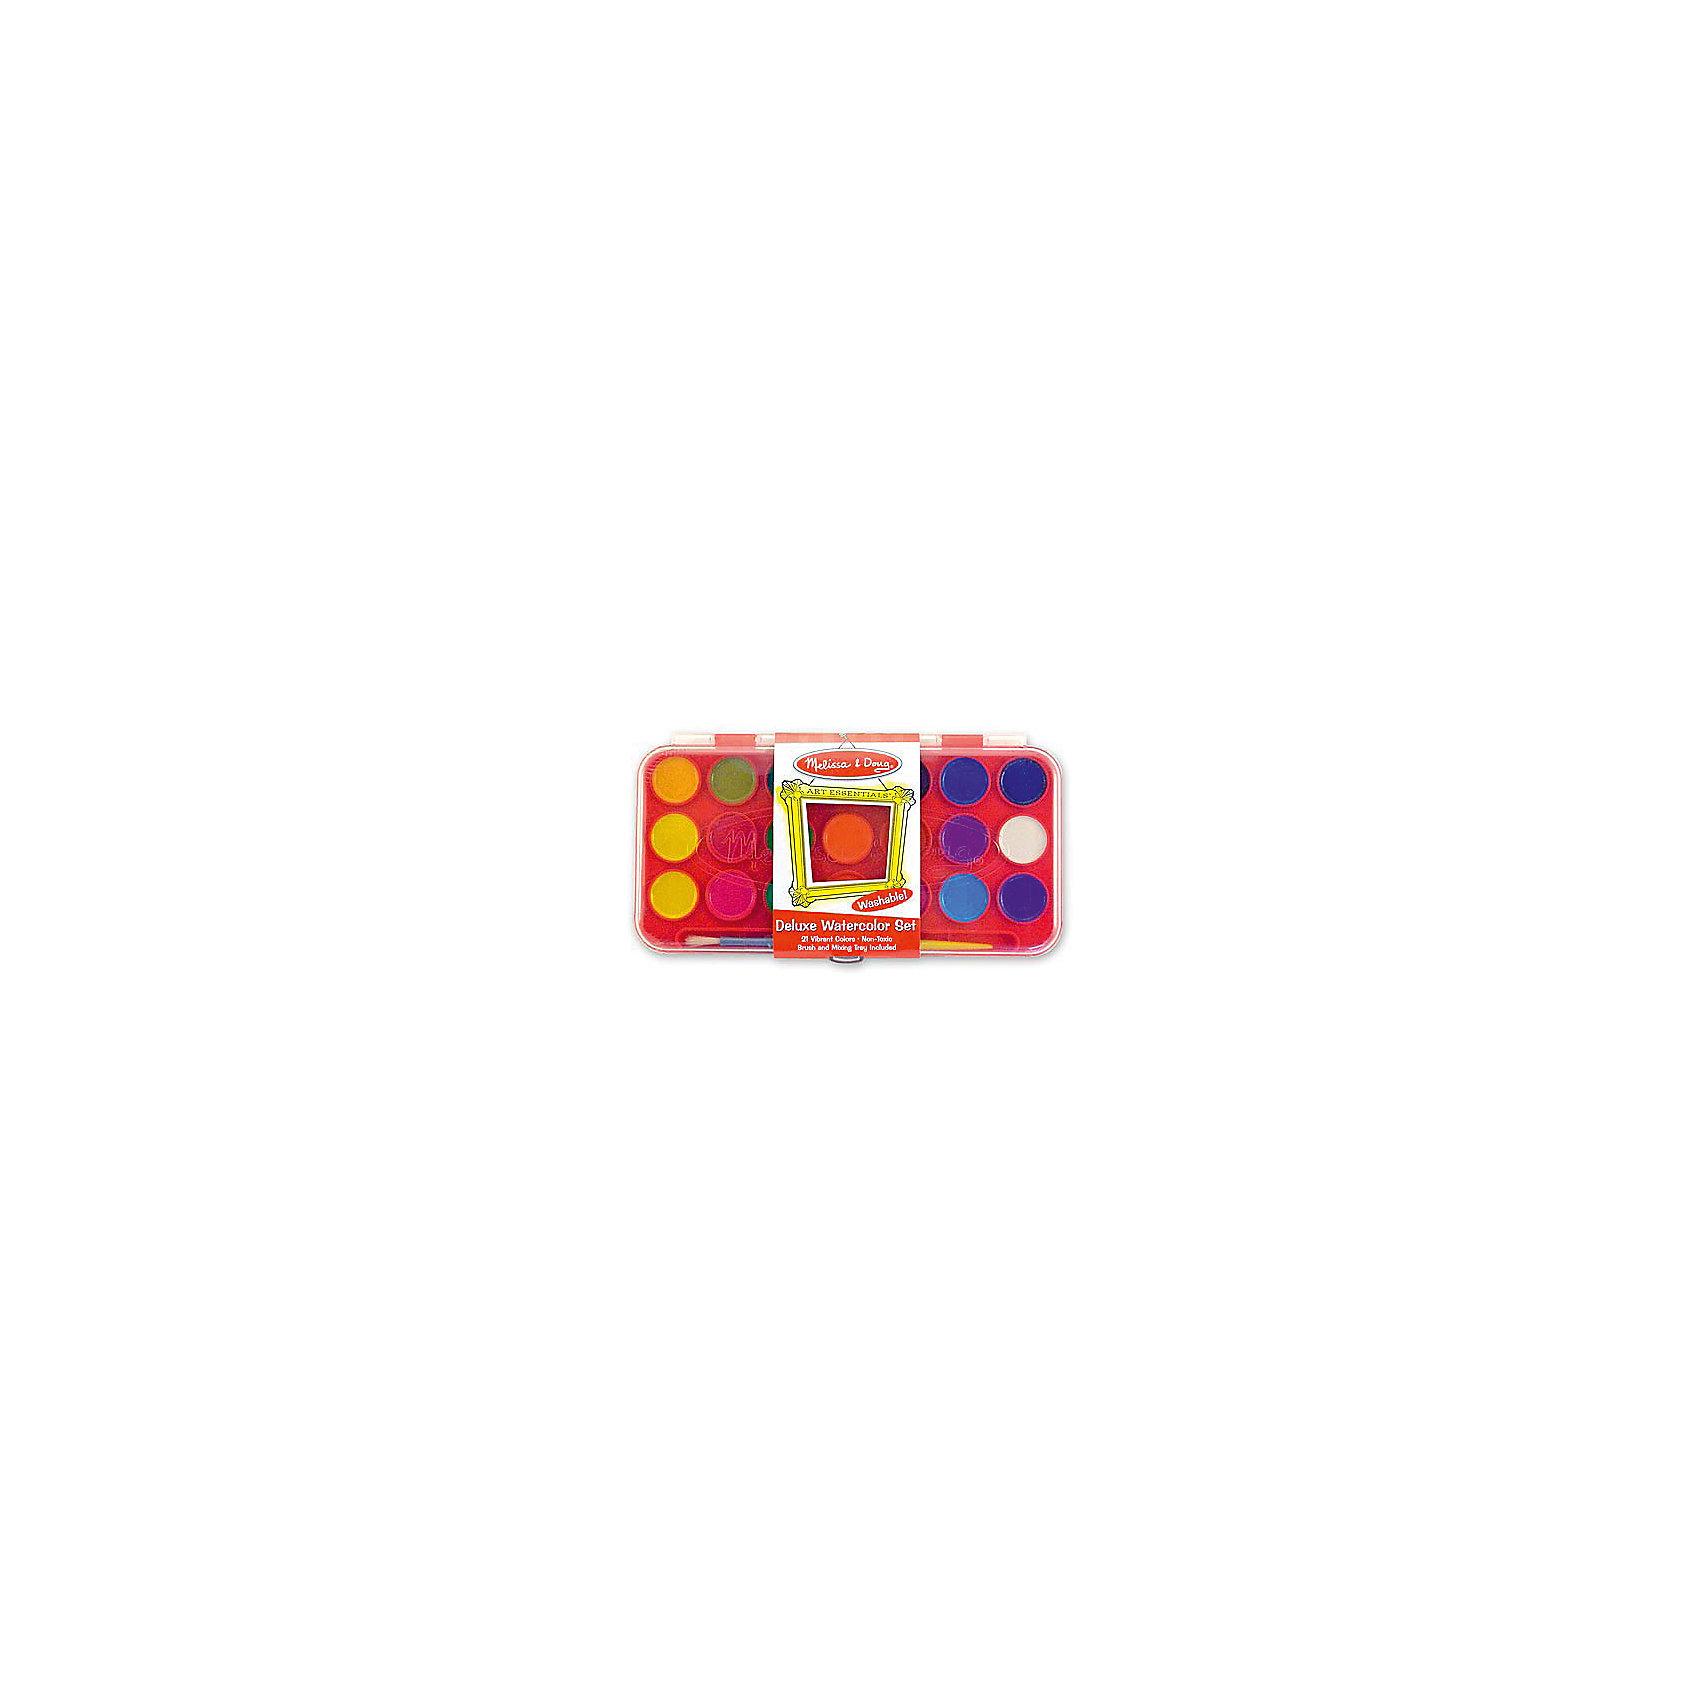 Набор акварельных красок Делюкс, 21 цвет, Melissa &amp; DougРисование<br>Набор позволит ребенку полностью проявить свою фантазию и нарисовать множество рисунков разноцветными красками из комплекта. А для того, чтобы Ваш малыш больше погрузился в мир картин, в наборе большая политра ярких акварельных красок.<br><br>Дополнительная информация:<br><br>- Возраст: от 3 лет.<br>- В набор входит: кисточка и краски 12 цветов.<br>- Материал: пластик.<br>- Размер упаковки: 15х1х12 см.<br><br>Купить набор акварельных красок можно в нашем магазине.<br><br>Ширина мм: 250<br>Глубина мм: 20<br>Высота мм: 130<br>Вес г: 250<br>Возраст от месяцев: 36<br>Возраст до месяцев: 120<br>Пол: Унисекс<br>Возраст: Детский<br>SKU: 4865270